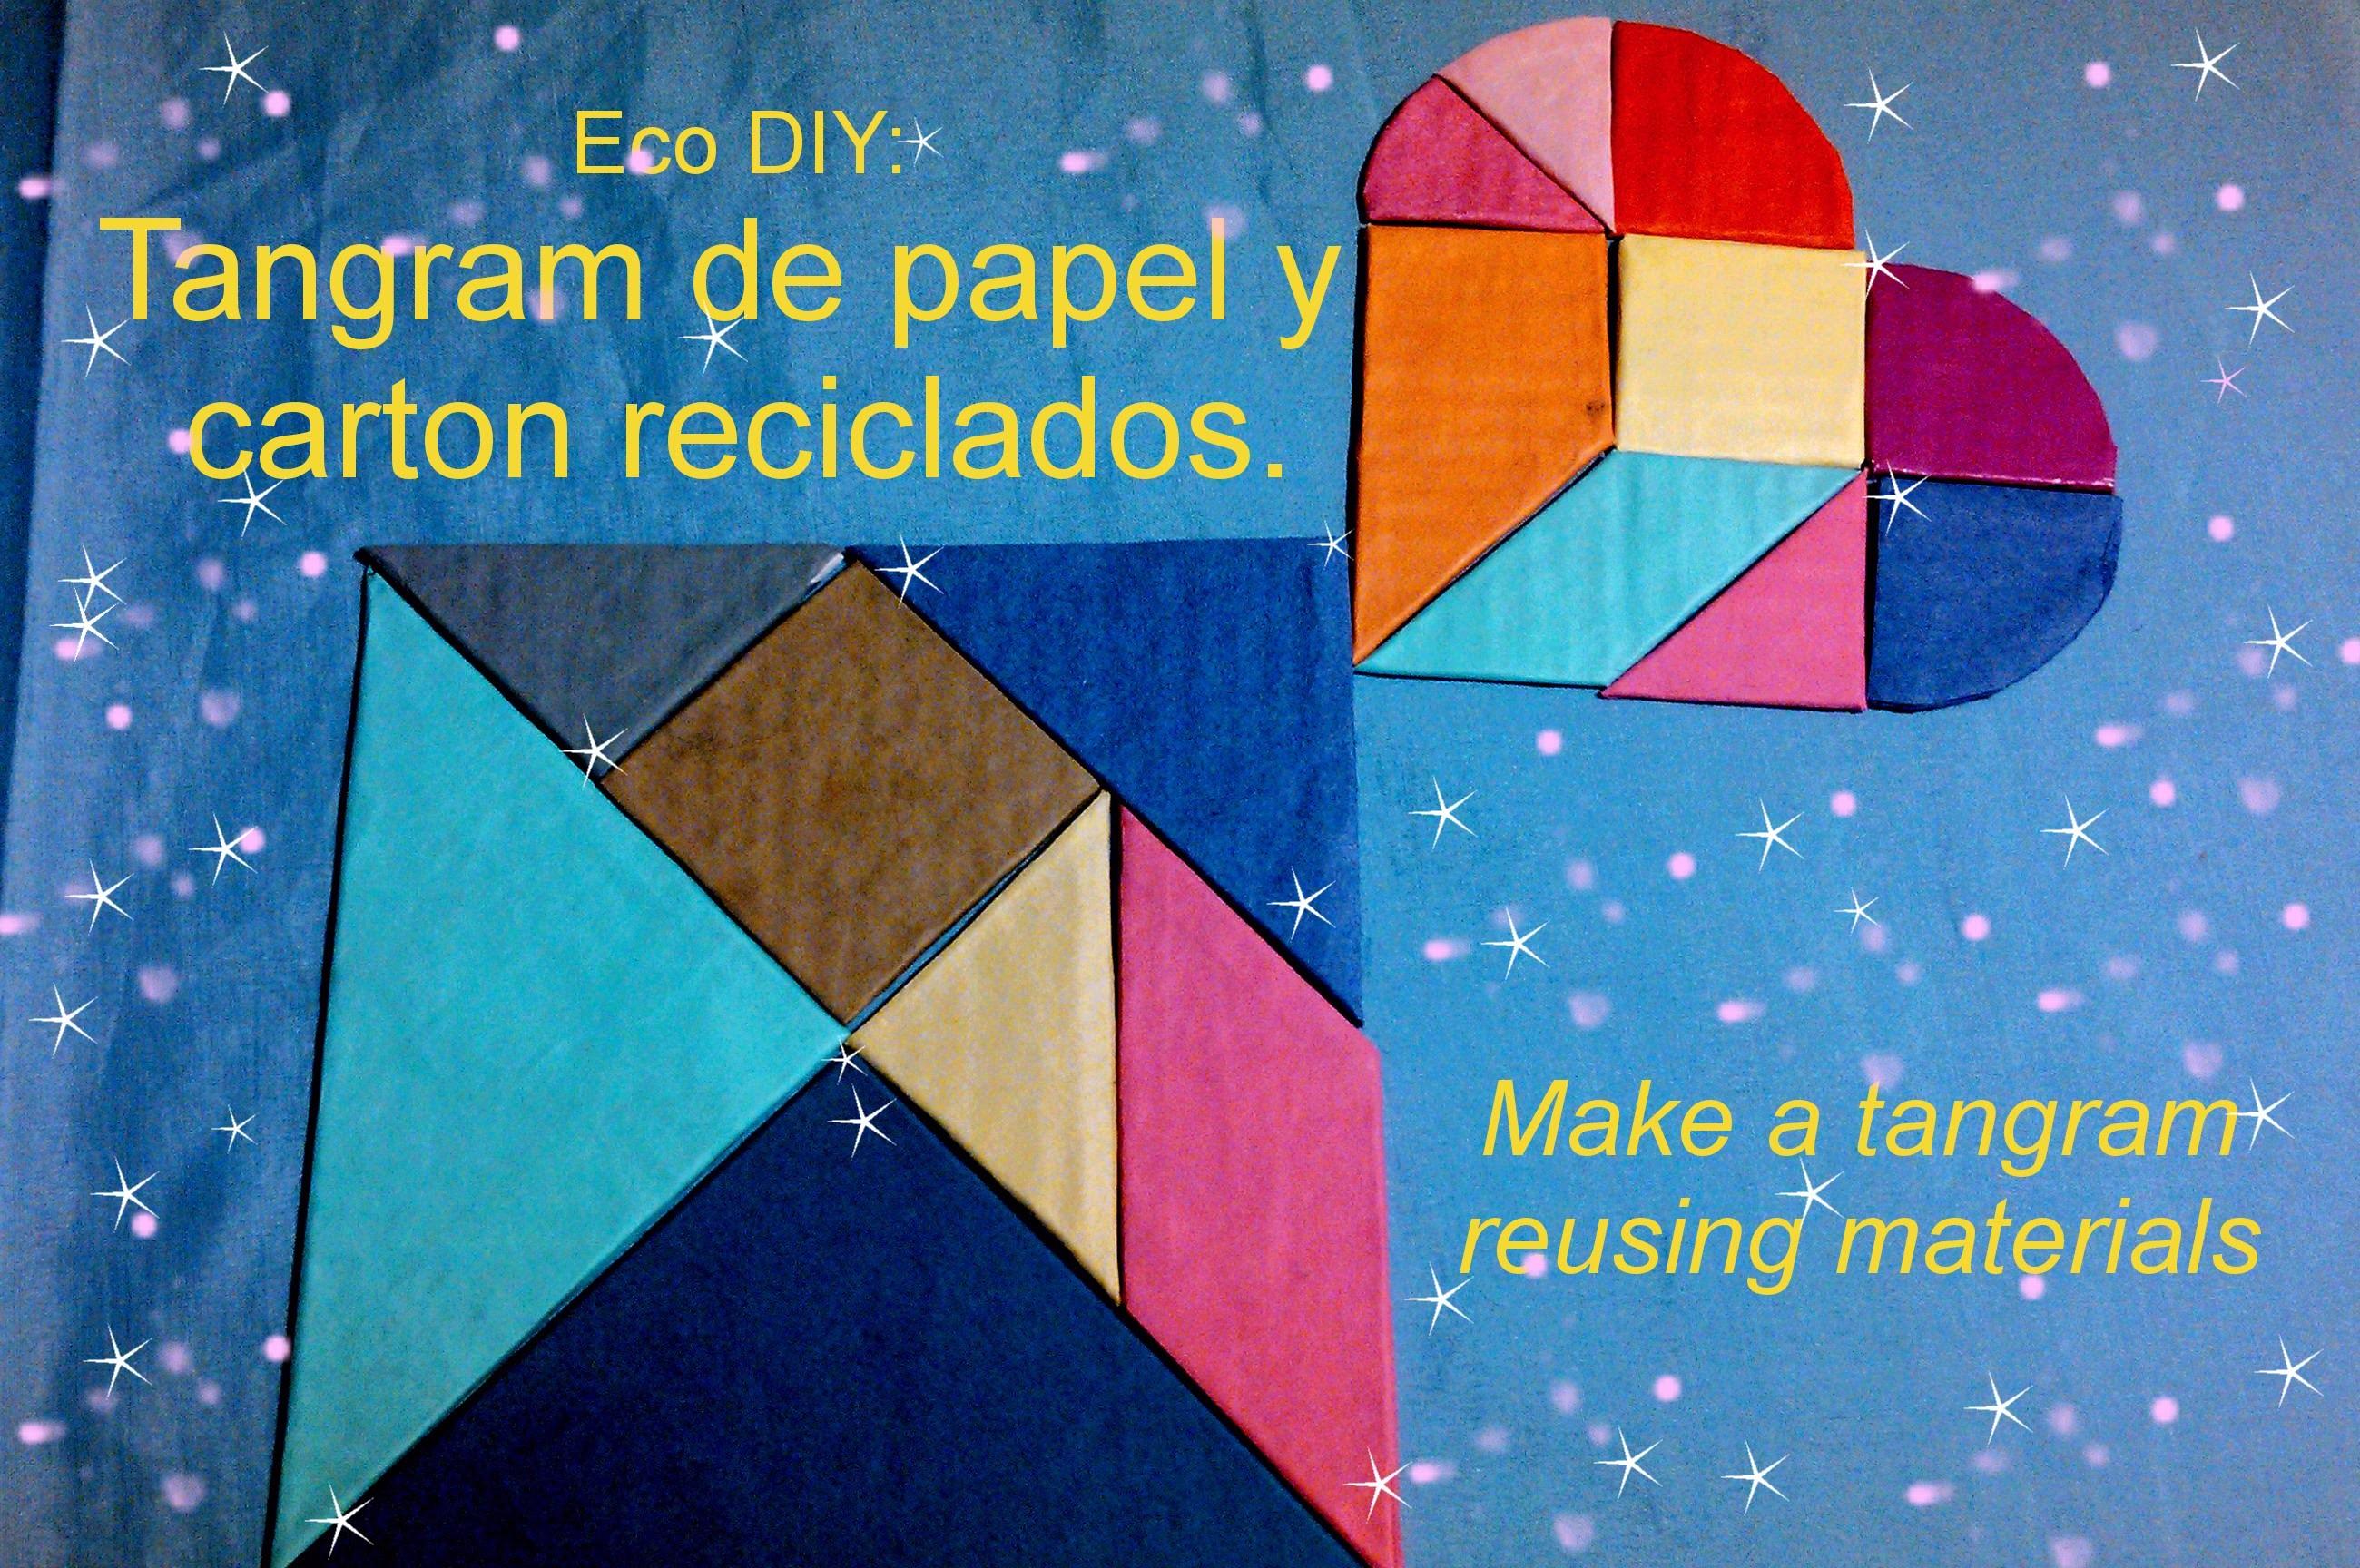 Eco DIY: Tangram de papel y carton reciclados. Make a tangram reusing materials